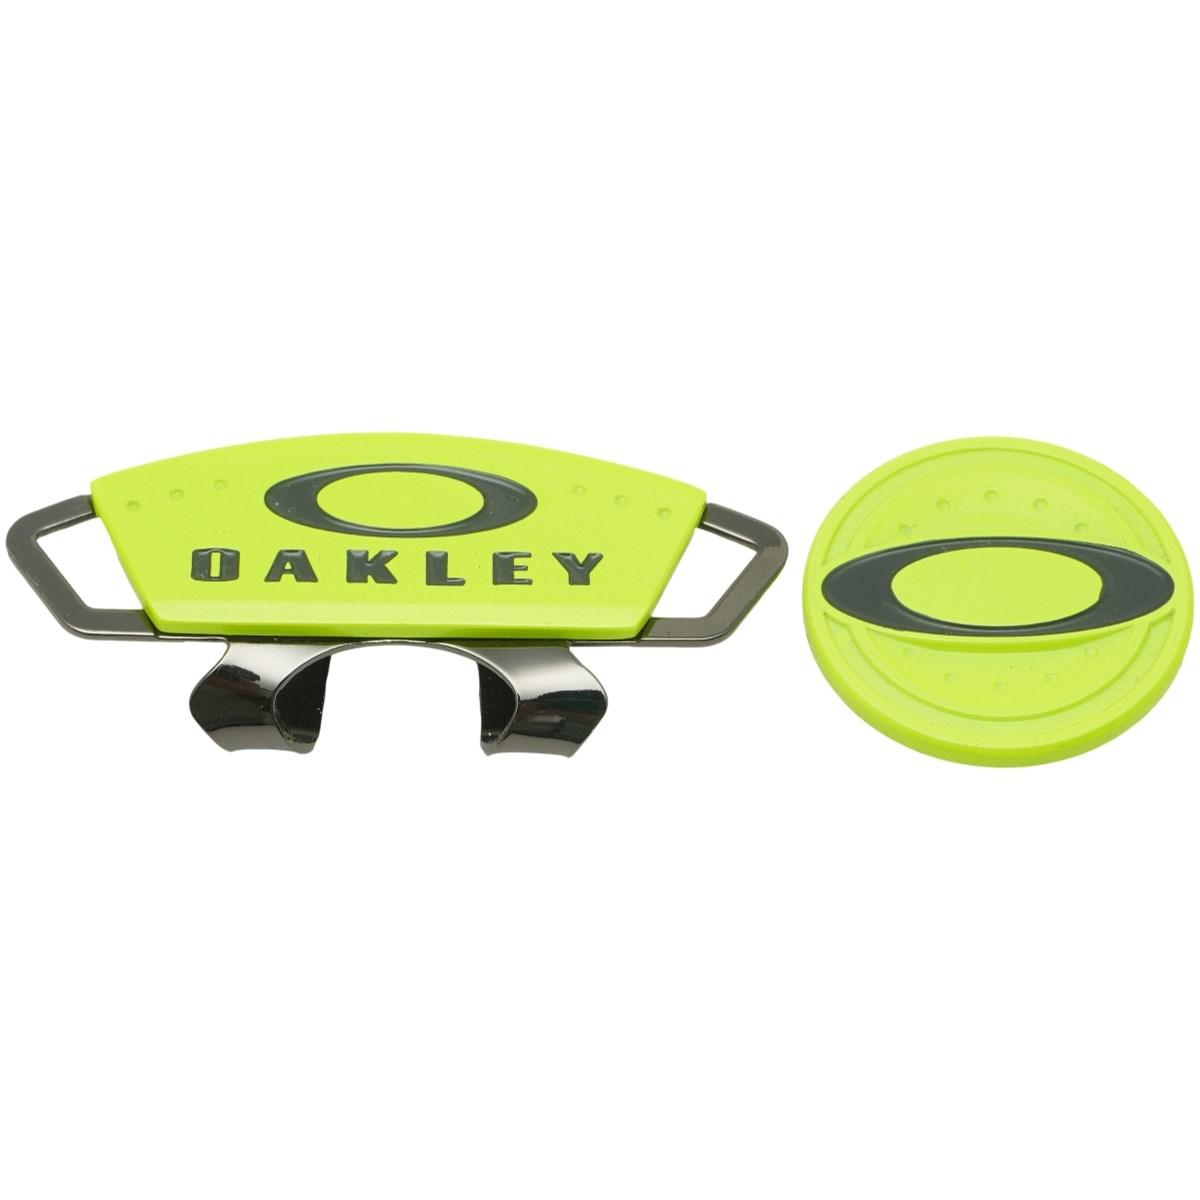 オークリー OAKLEY ELLIPSE 4.0 クリップマーカー cerise 40D